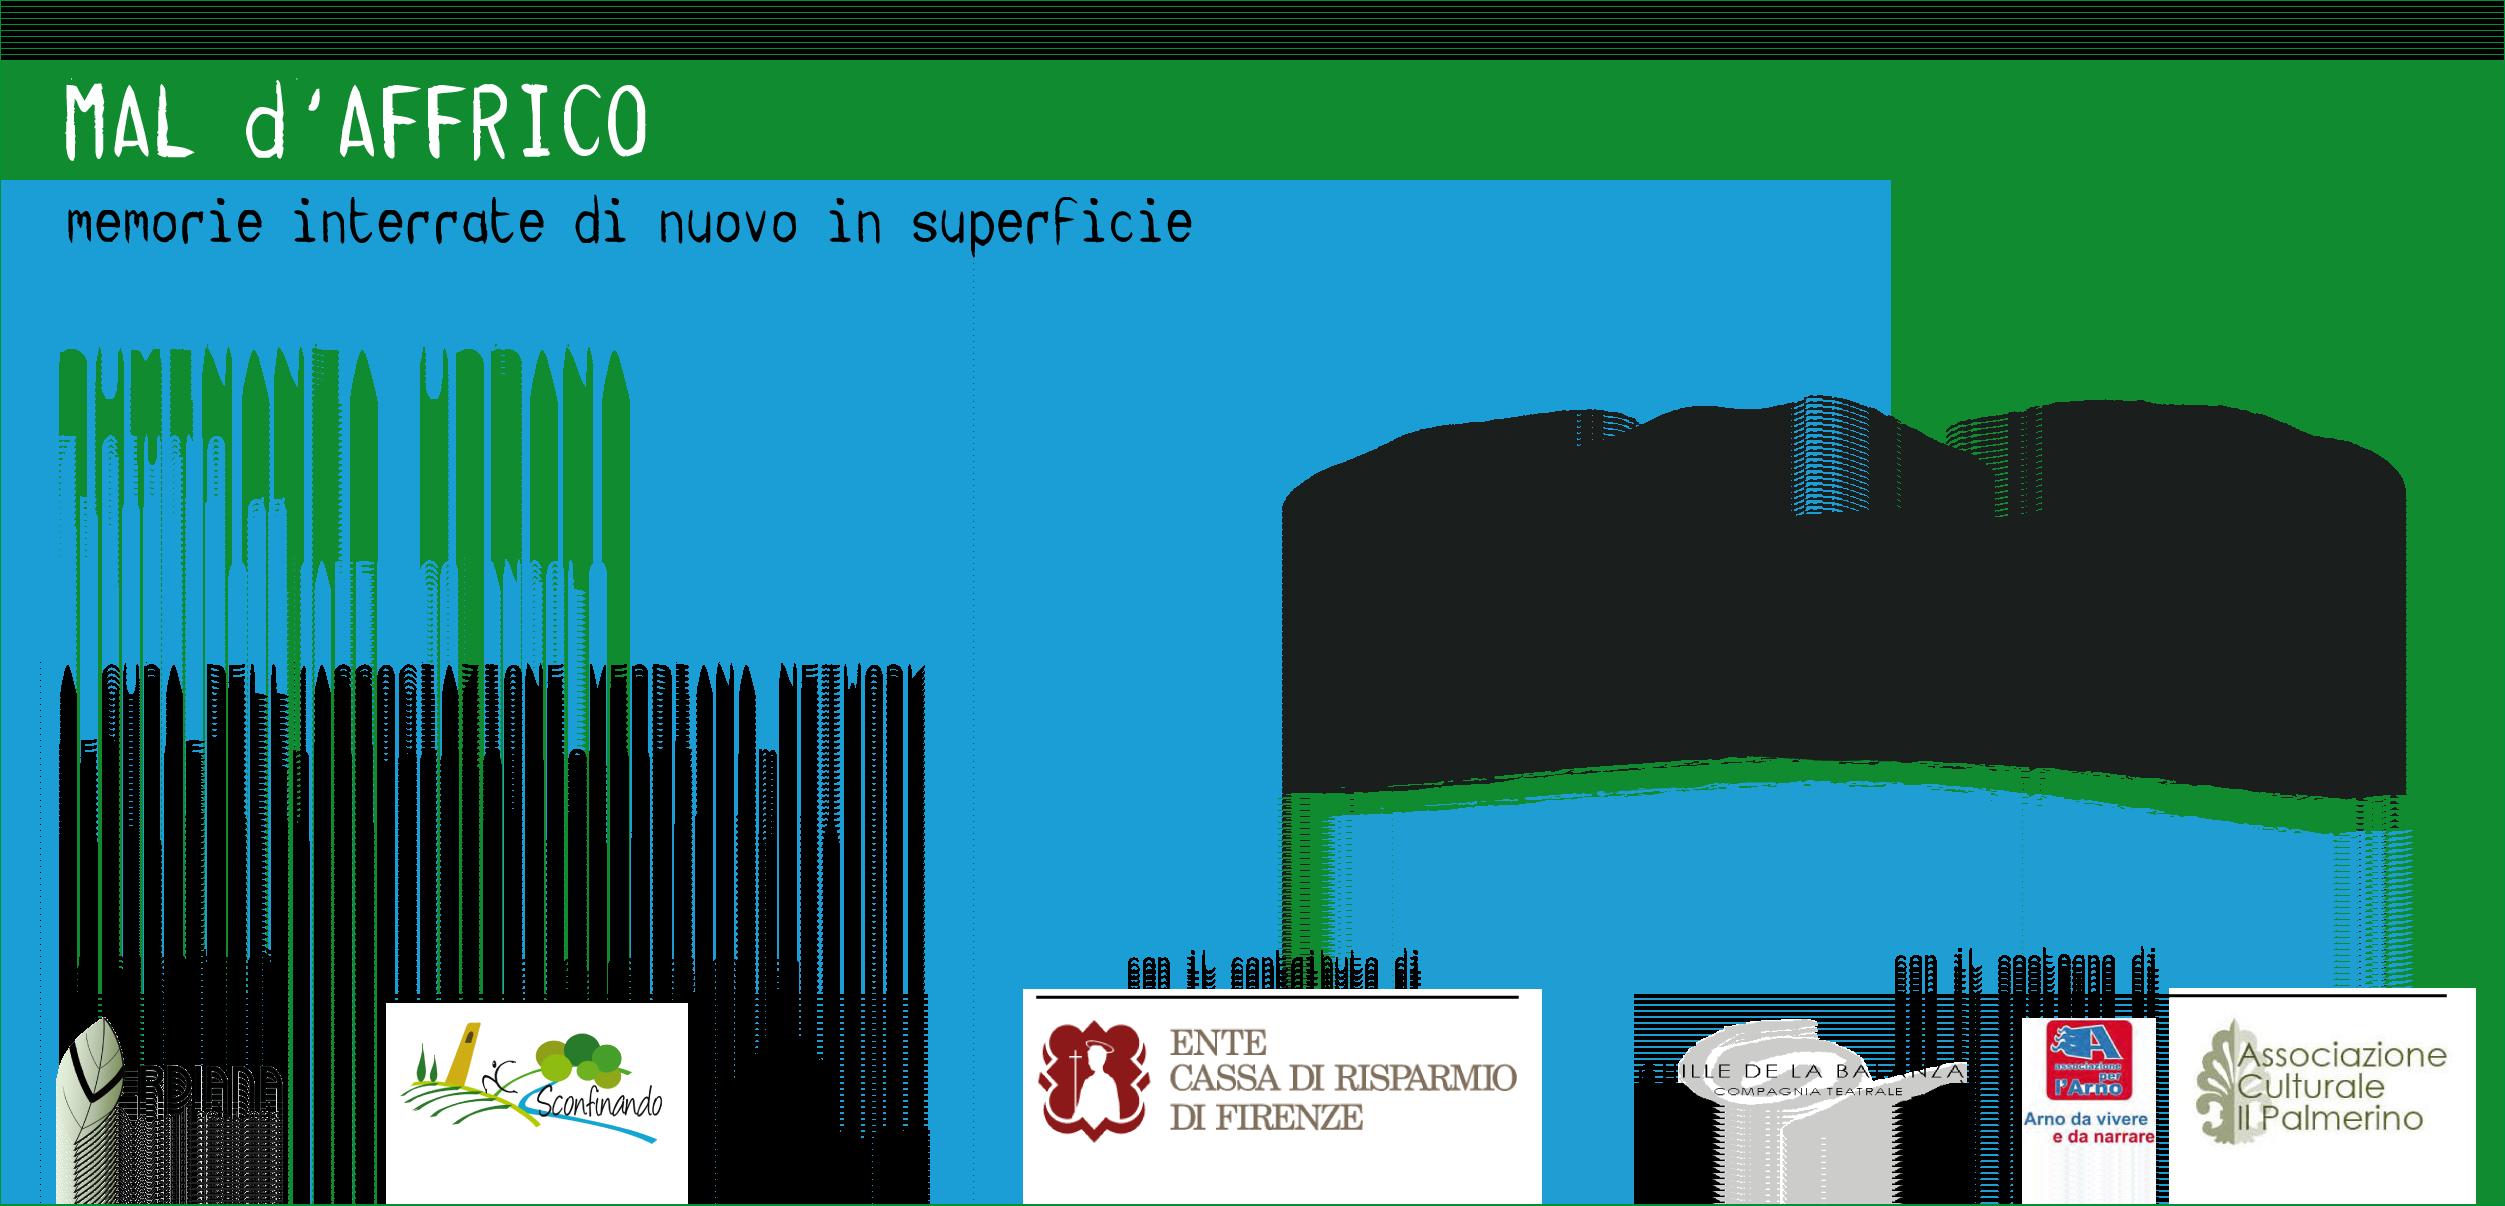 Mal d'Affrico - Verdiana Network